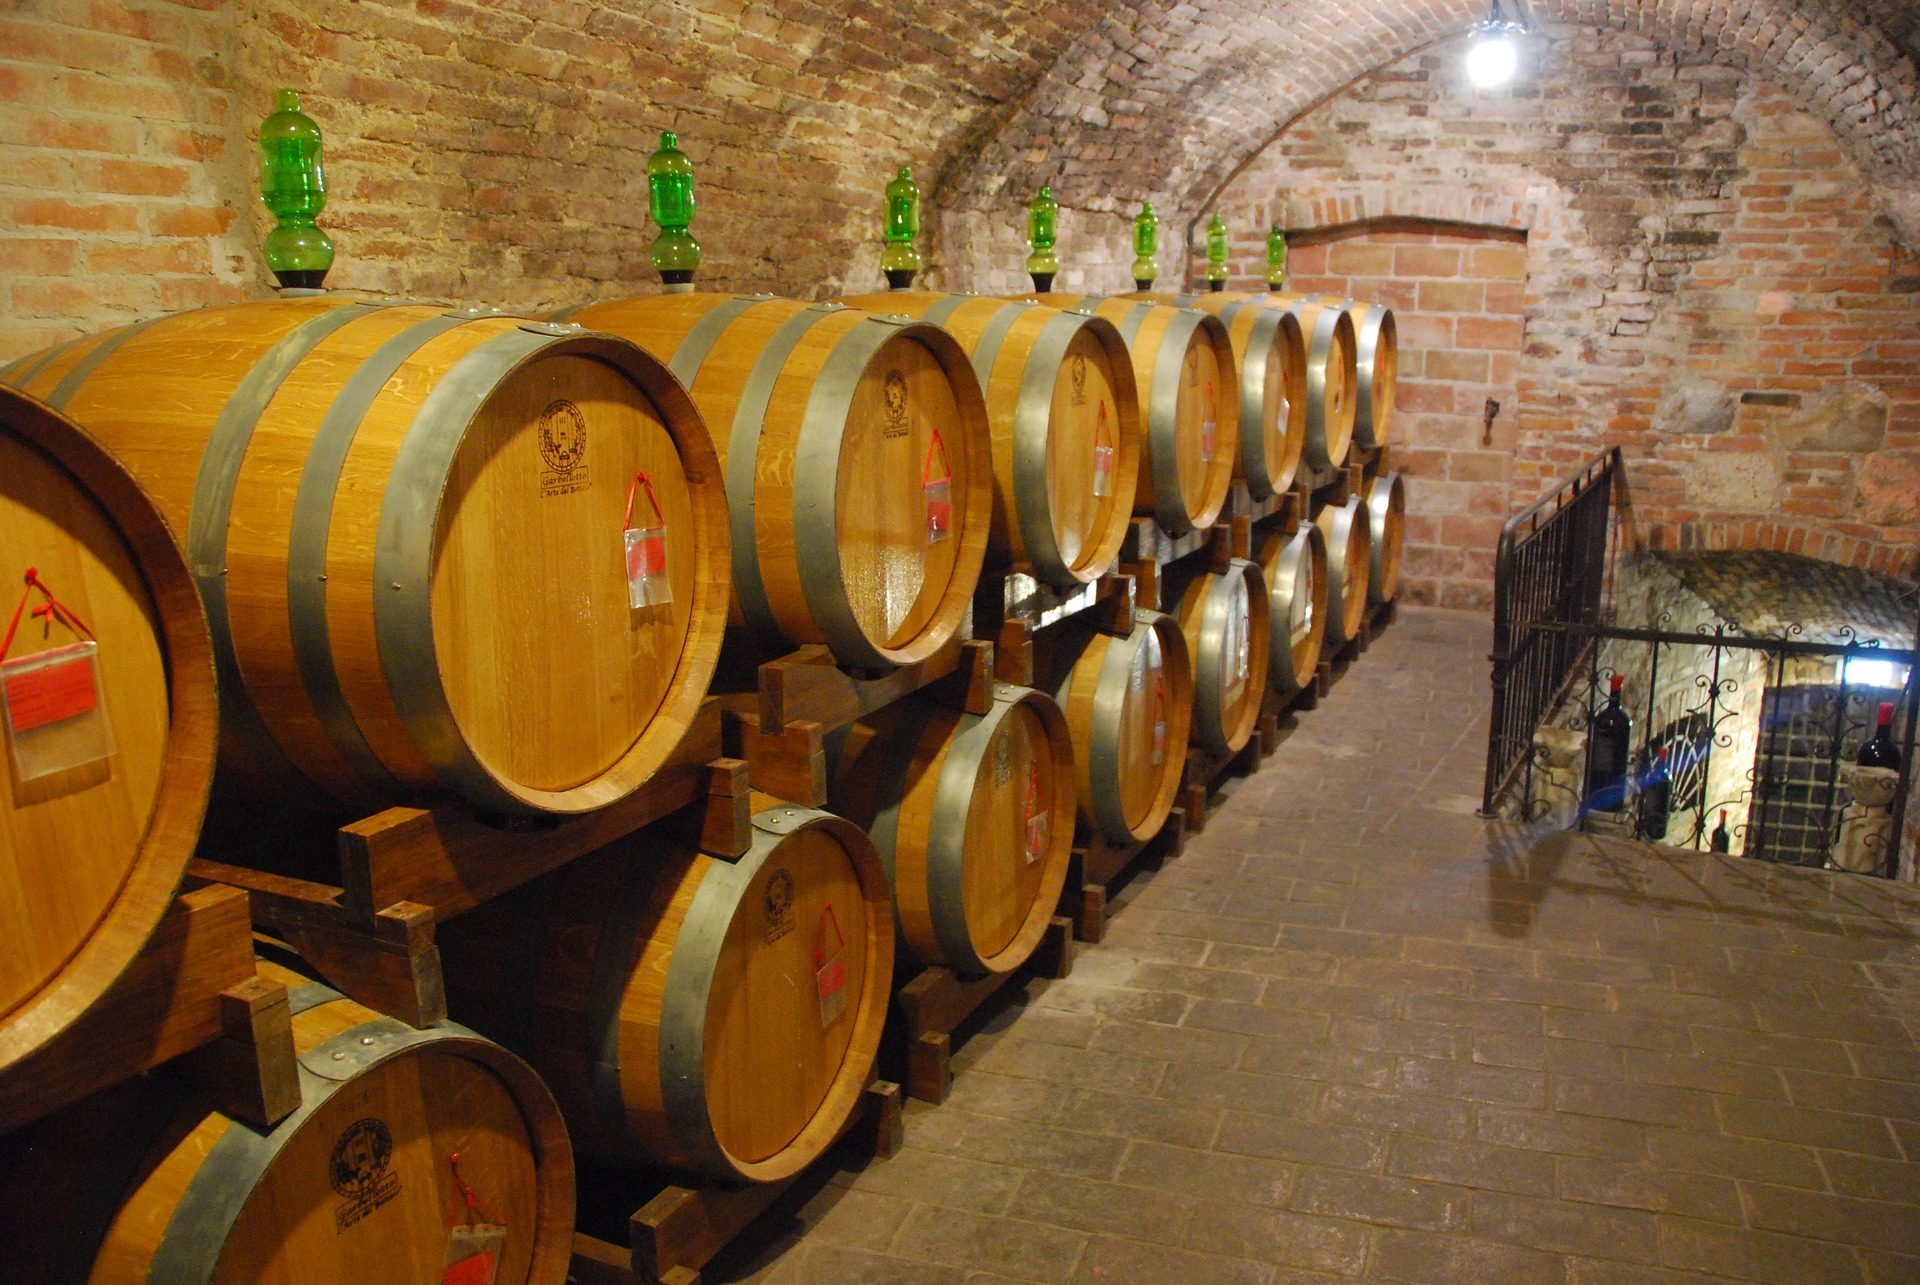 barriles, برميل, النبيذ, الخمرة, تخمير, توسكان - خلفيات عالية الدقة - أستاذ falken.com